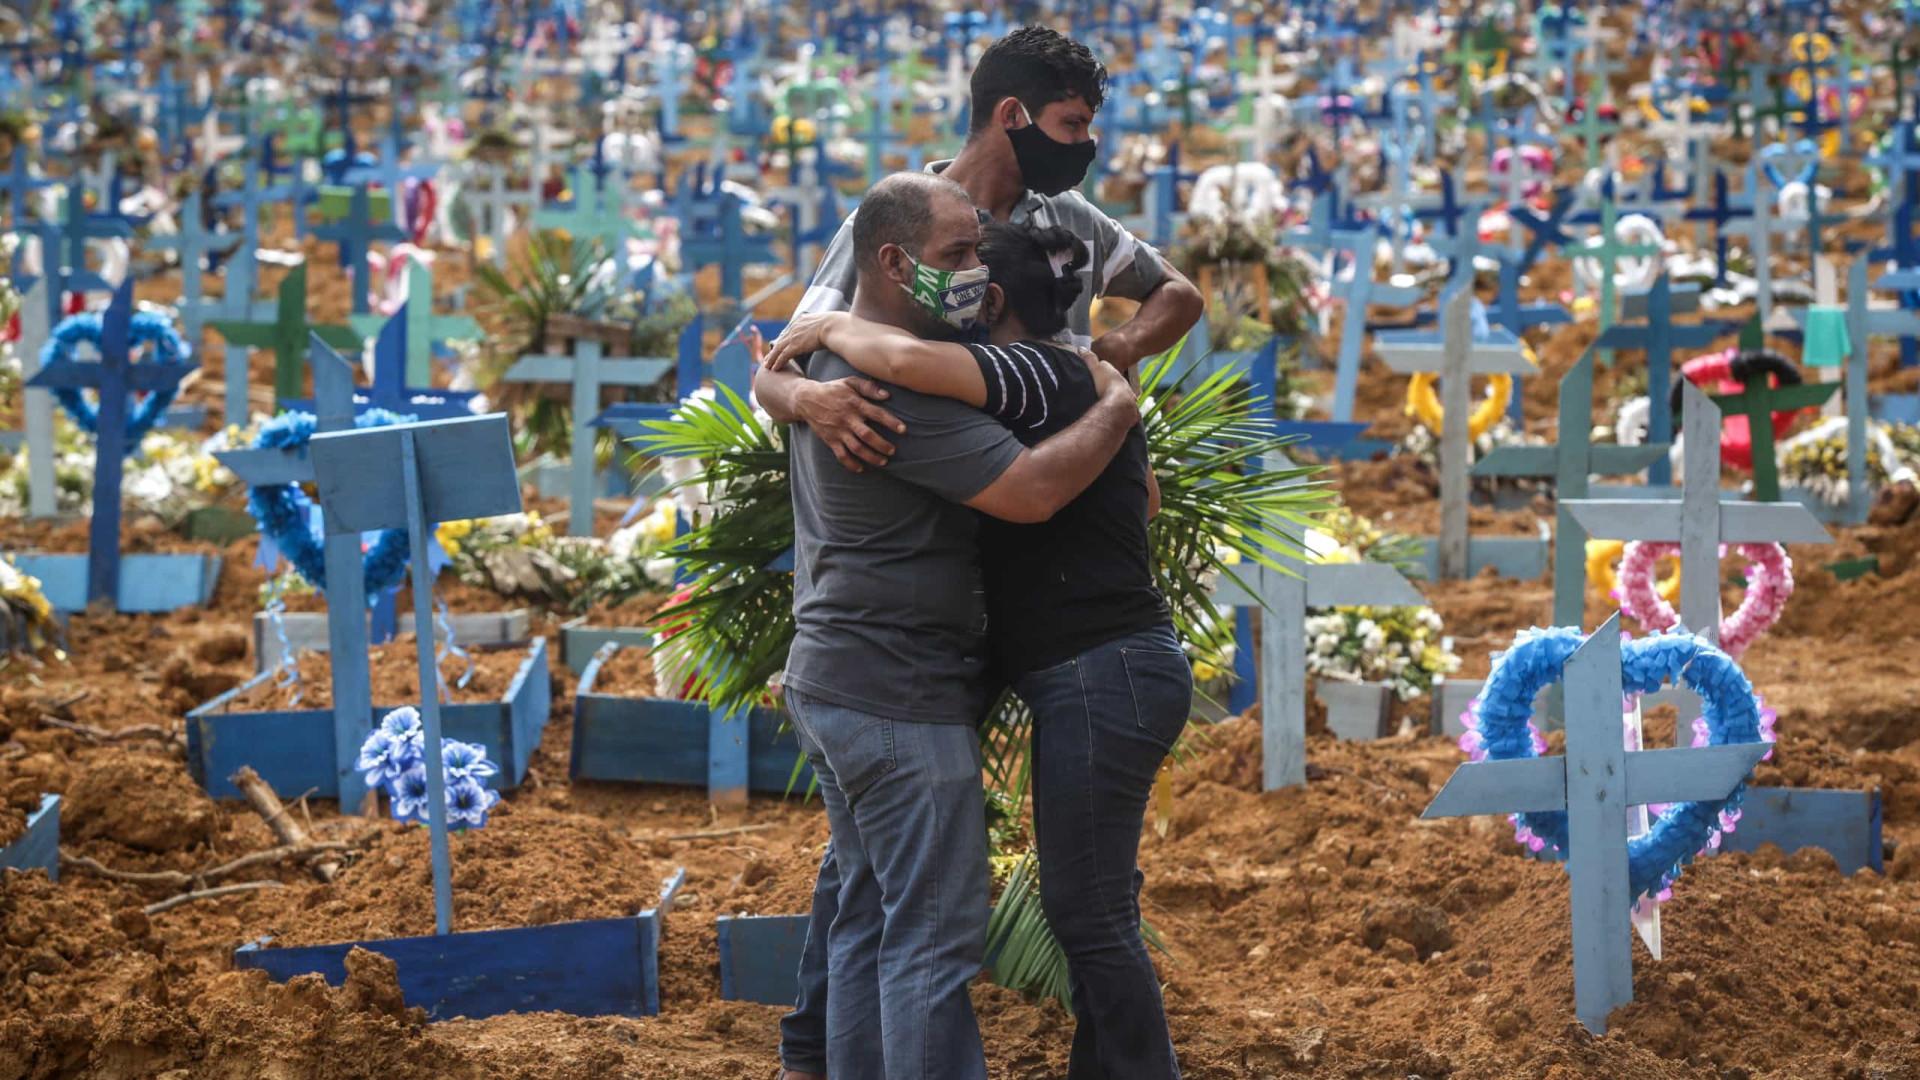 Brasil registra mais 3.560 mortes por Covid-19 em 24h